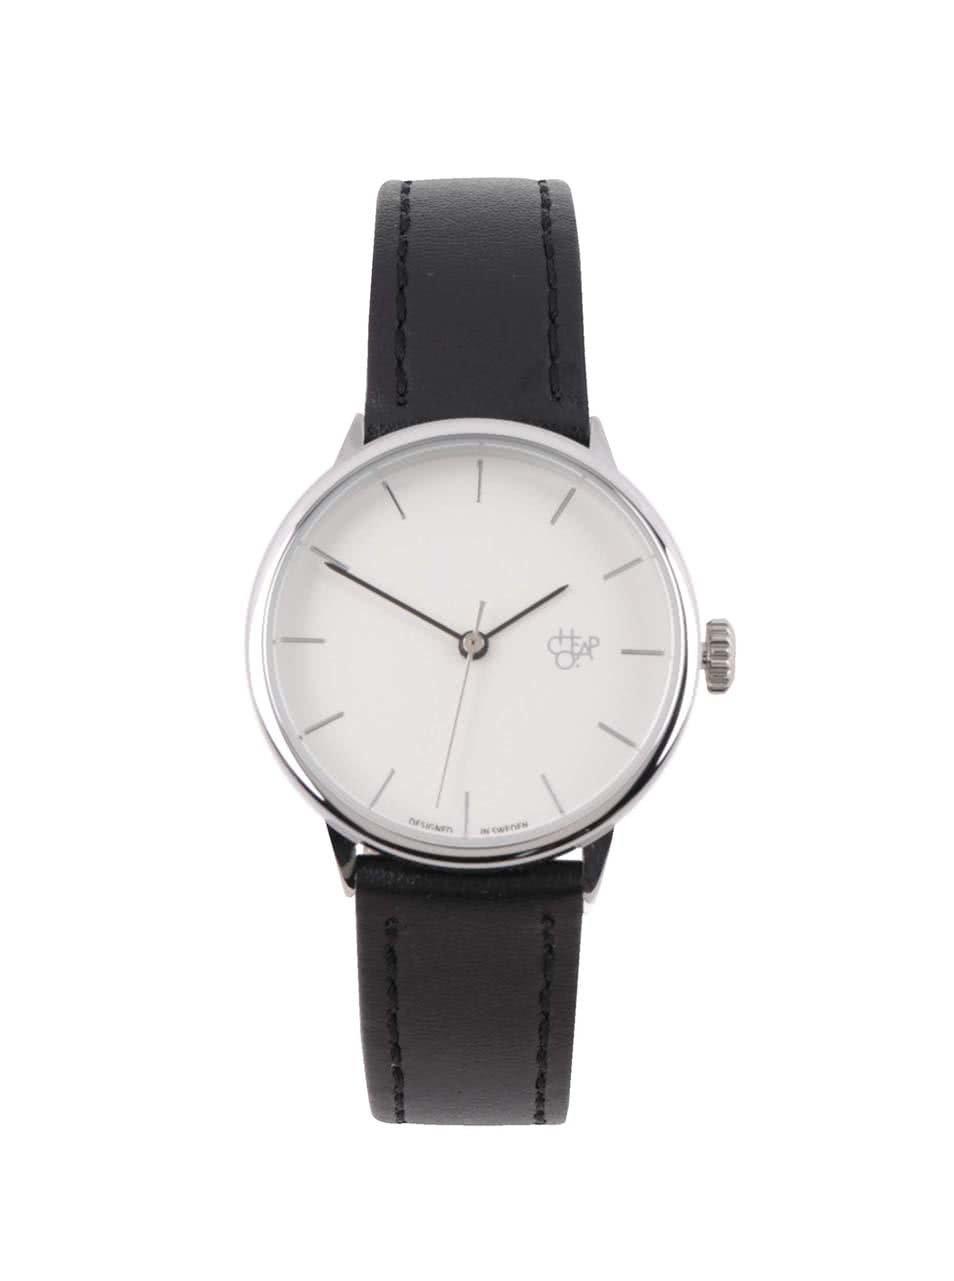 Dámské hodinky ve stříbrné barvě s černým páskem z veganské kůže Cheapo